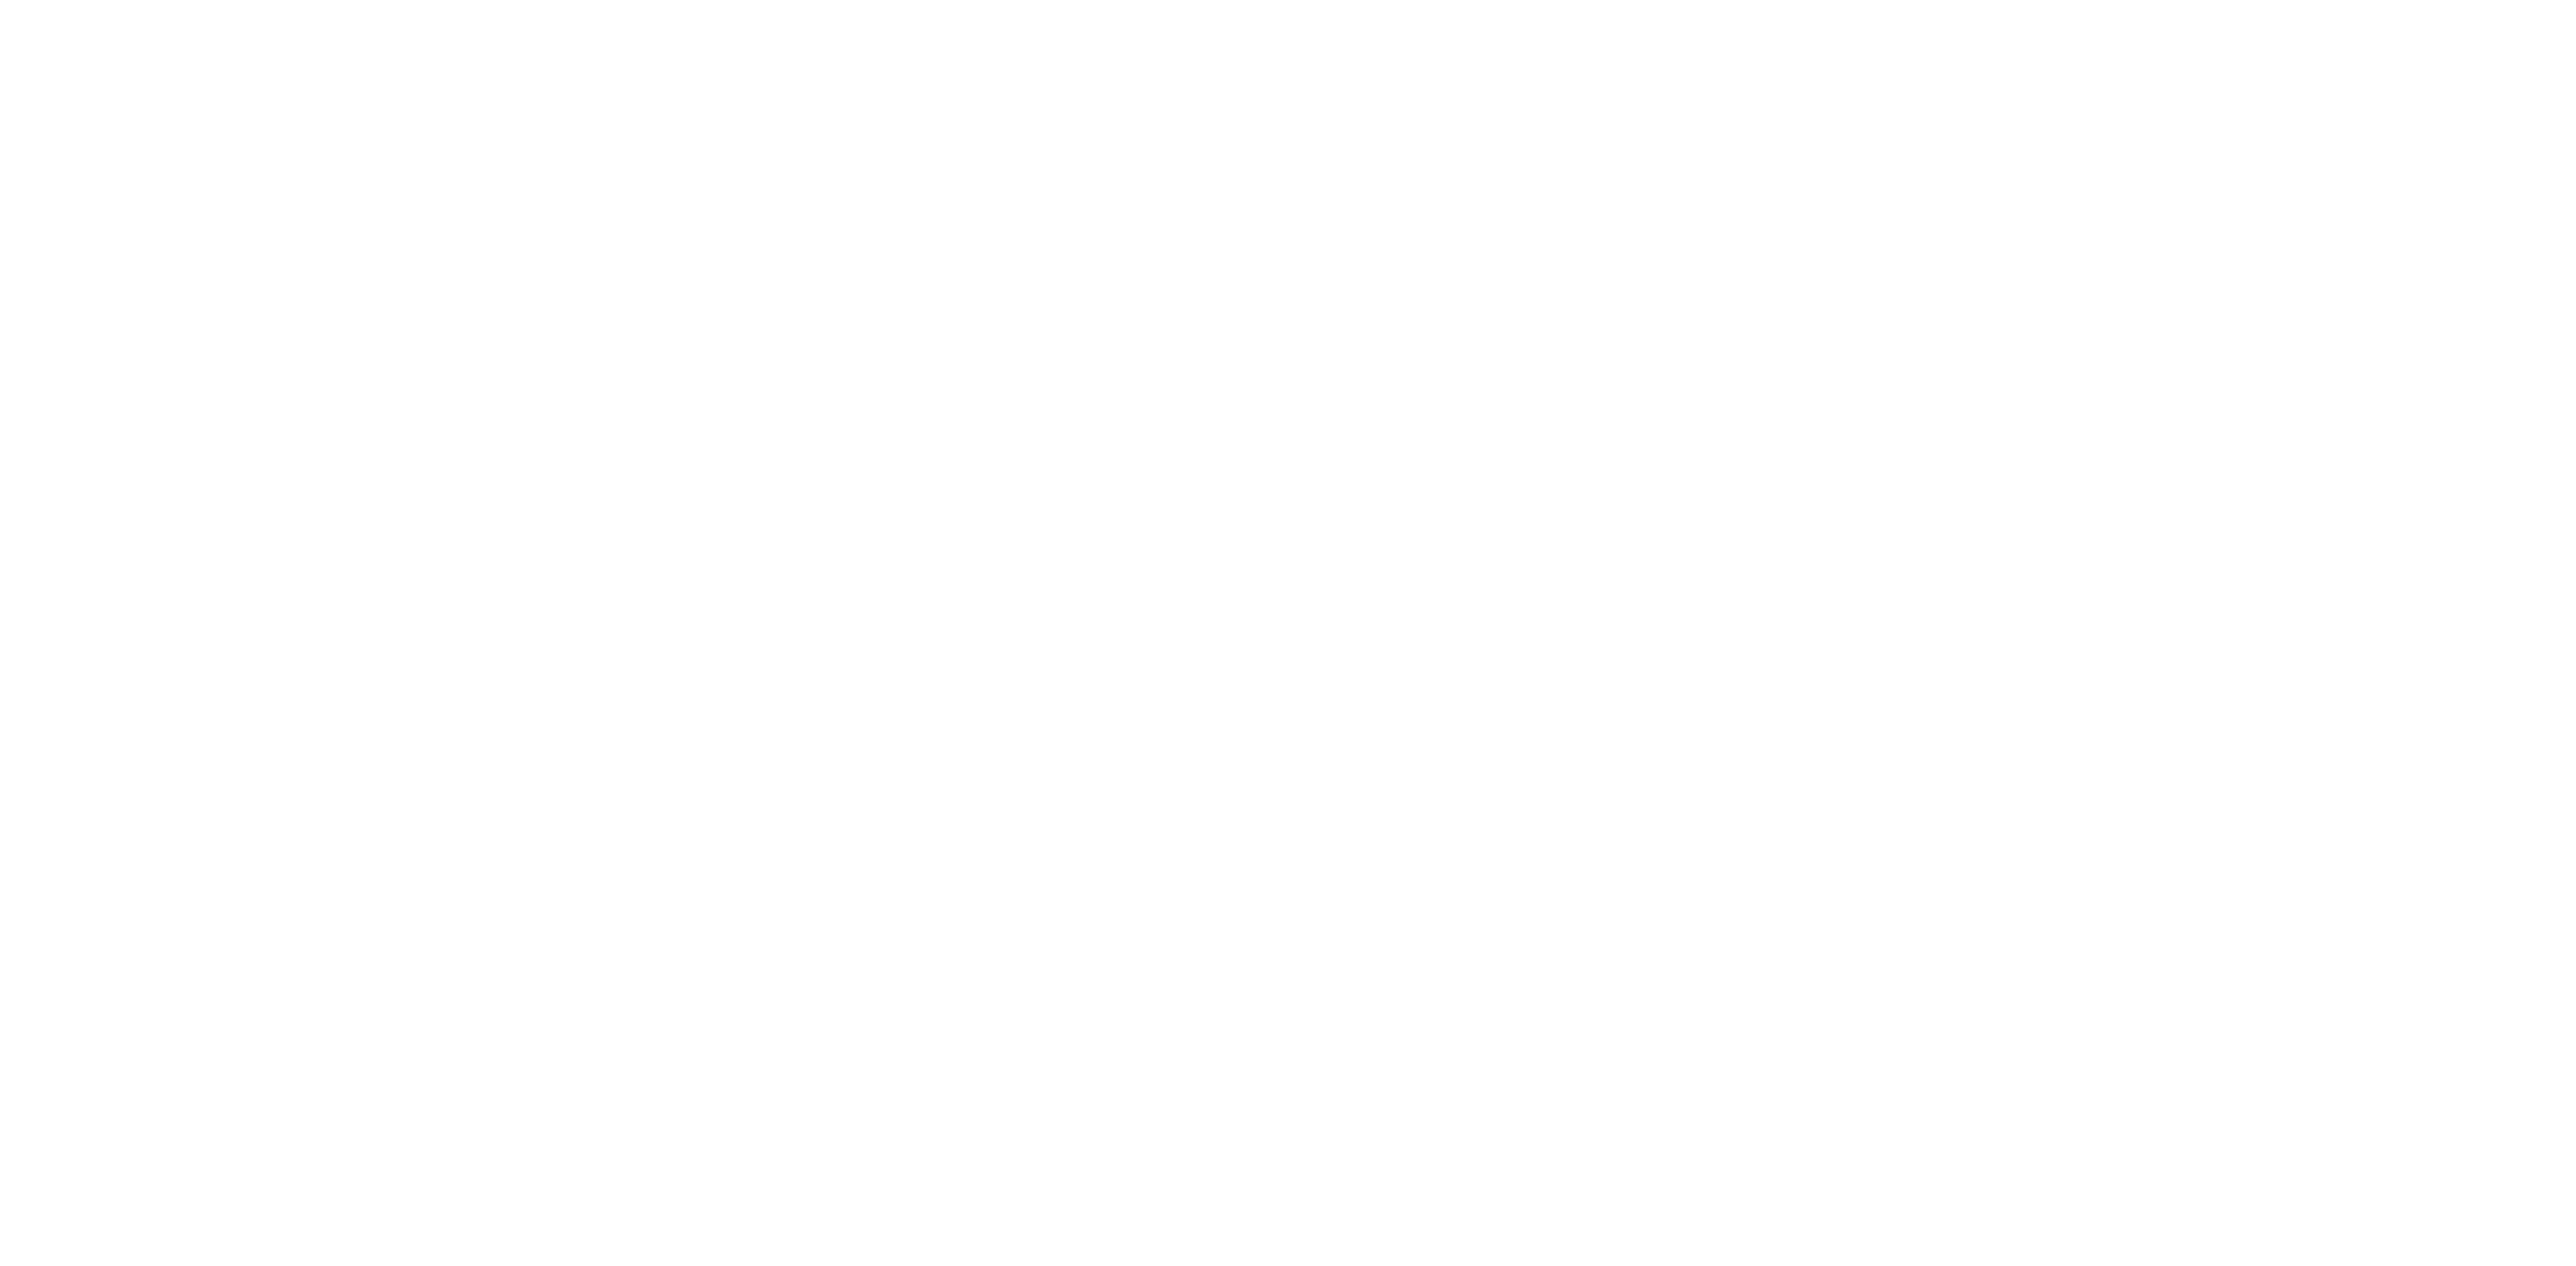 TouringRouteIcons-White-03